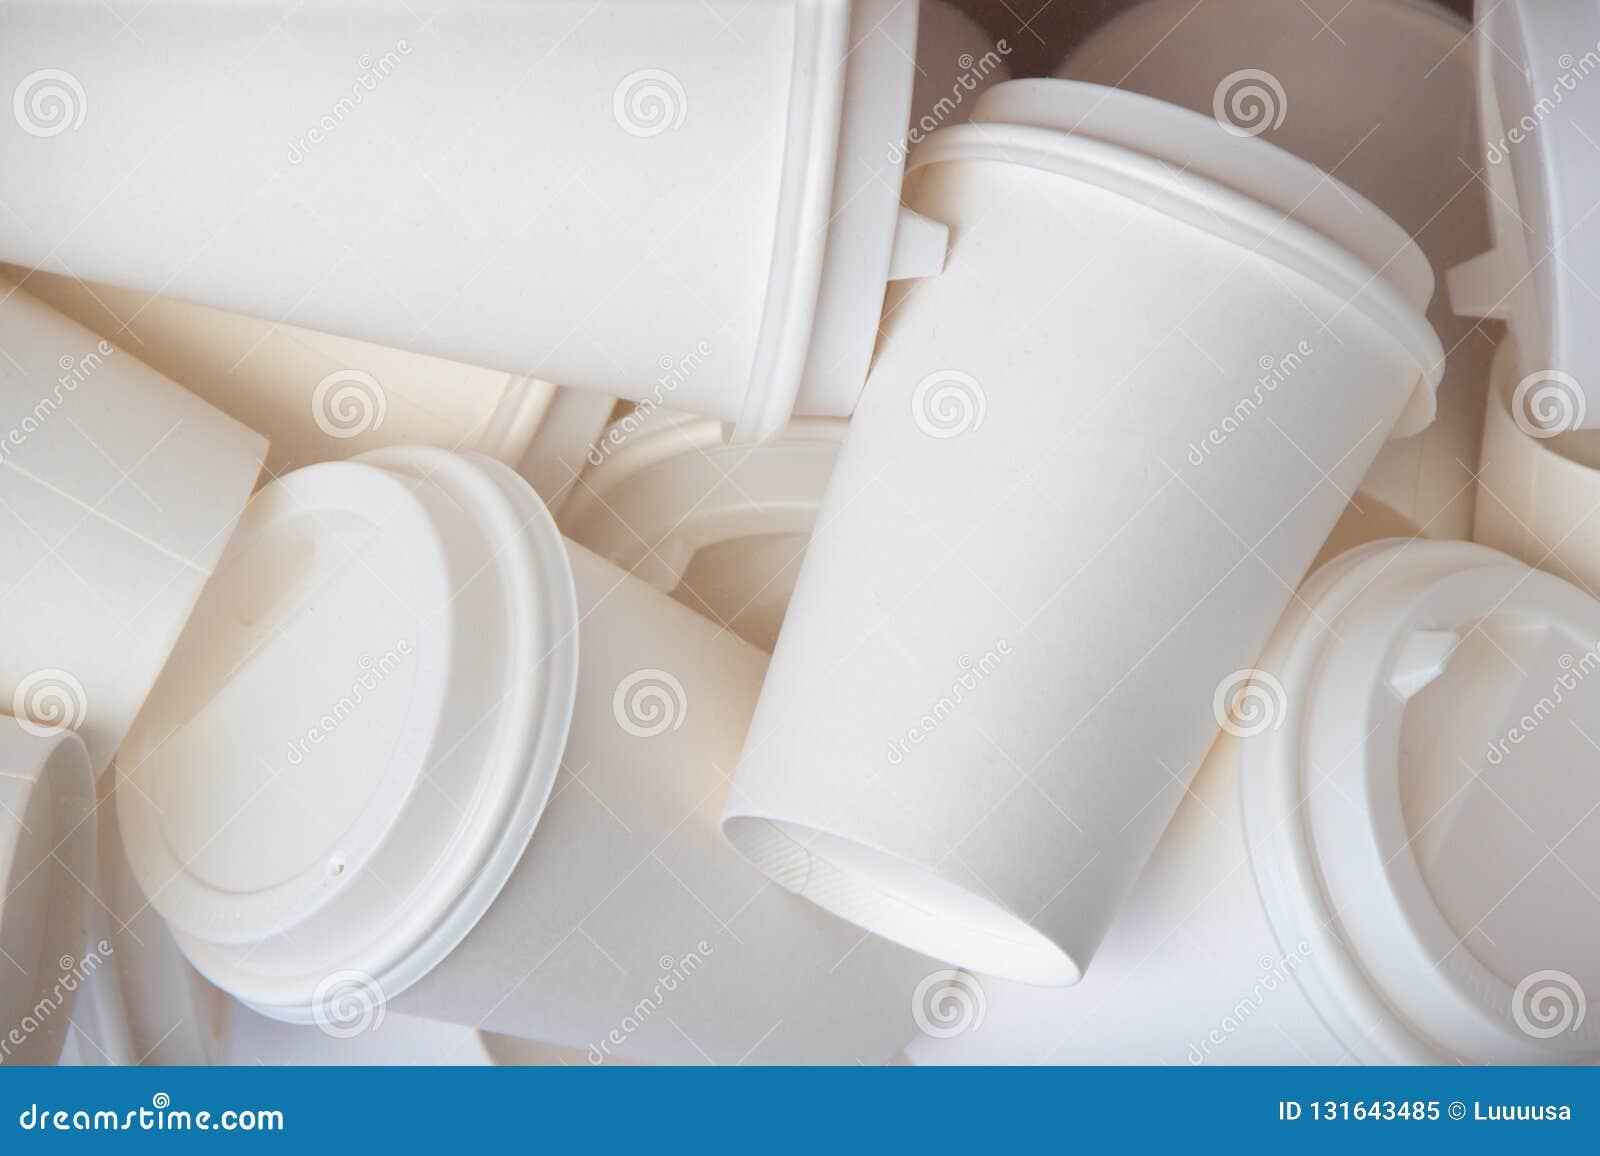 Muitos anulam para levar embora acima o fundo branco dos copos de café trocista